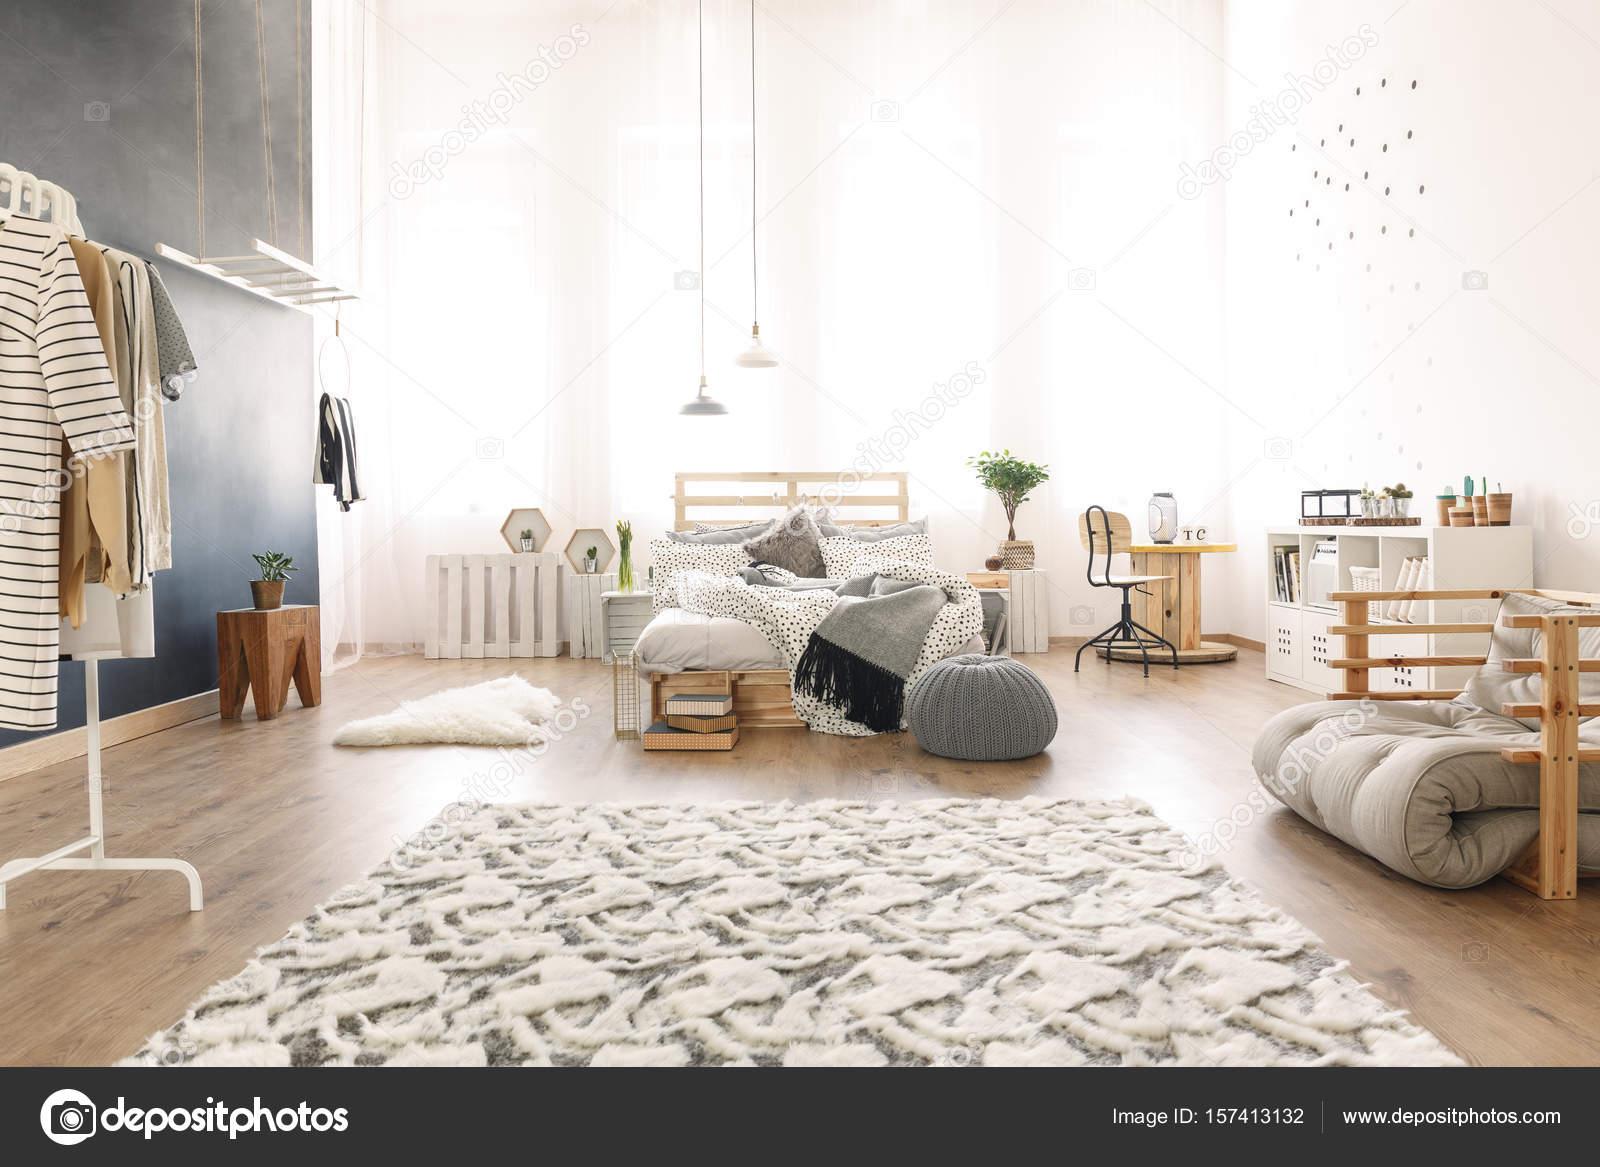 Chambre Avec Lit De Palette Photographie Photographeeeu 157413132